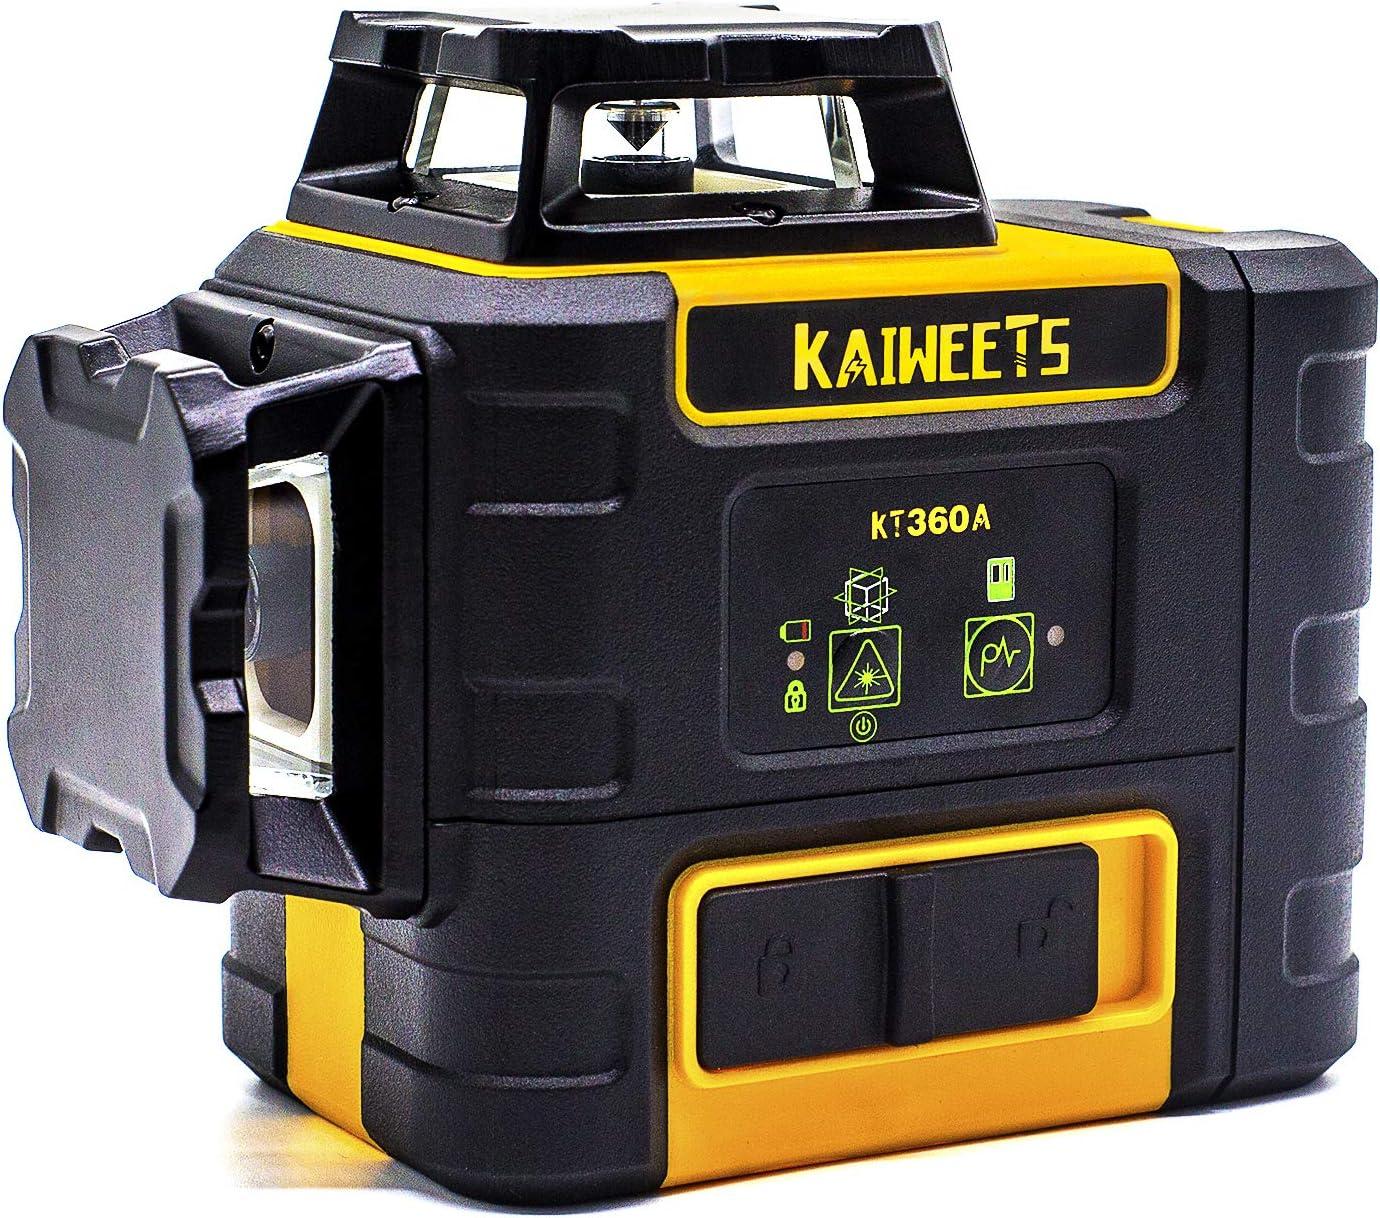 Halterung KAIWEETS KT360A Rotationslaser mit Pulsfunktion Zieltafel mit 2 aufladebaren Lithiumbatterien Arbeitszeit bis 44h Kreuzlinienlaser Gr/ün 3x360/° Arbeitsreichweite: bis 60m mit Empf/änger